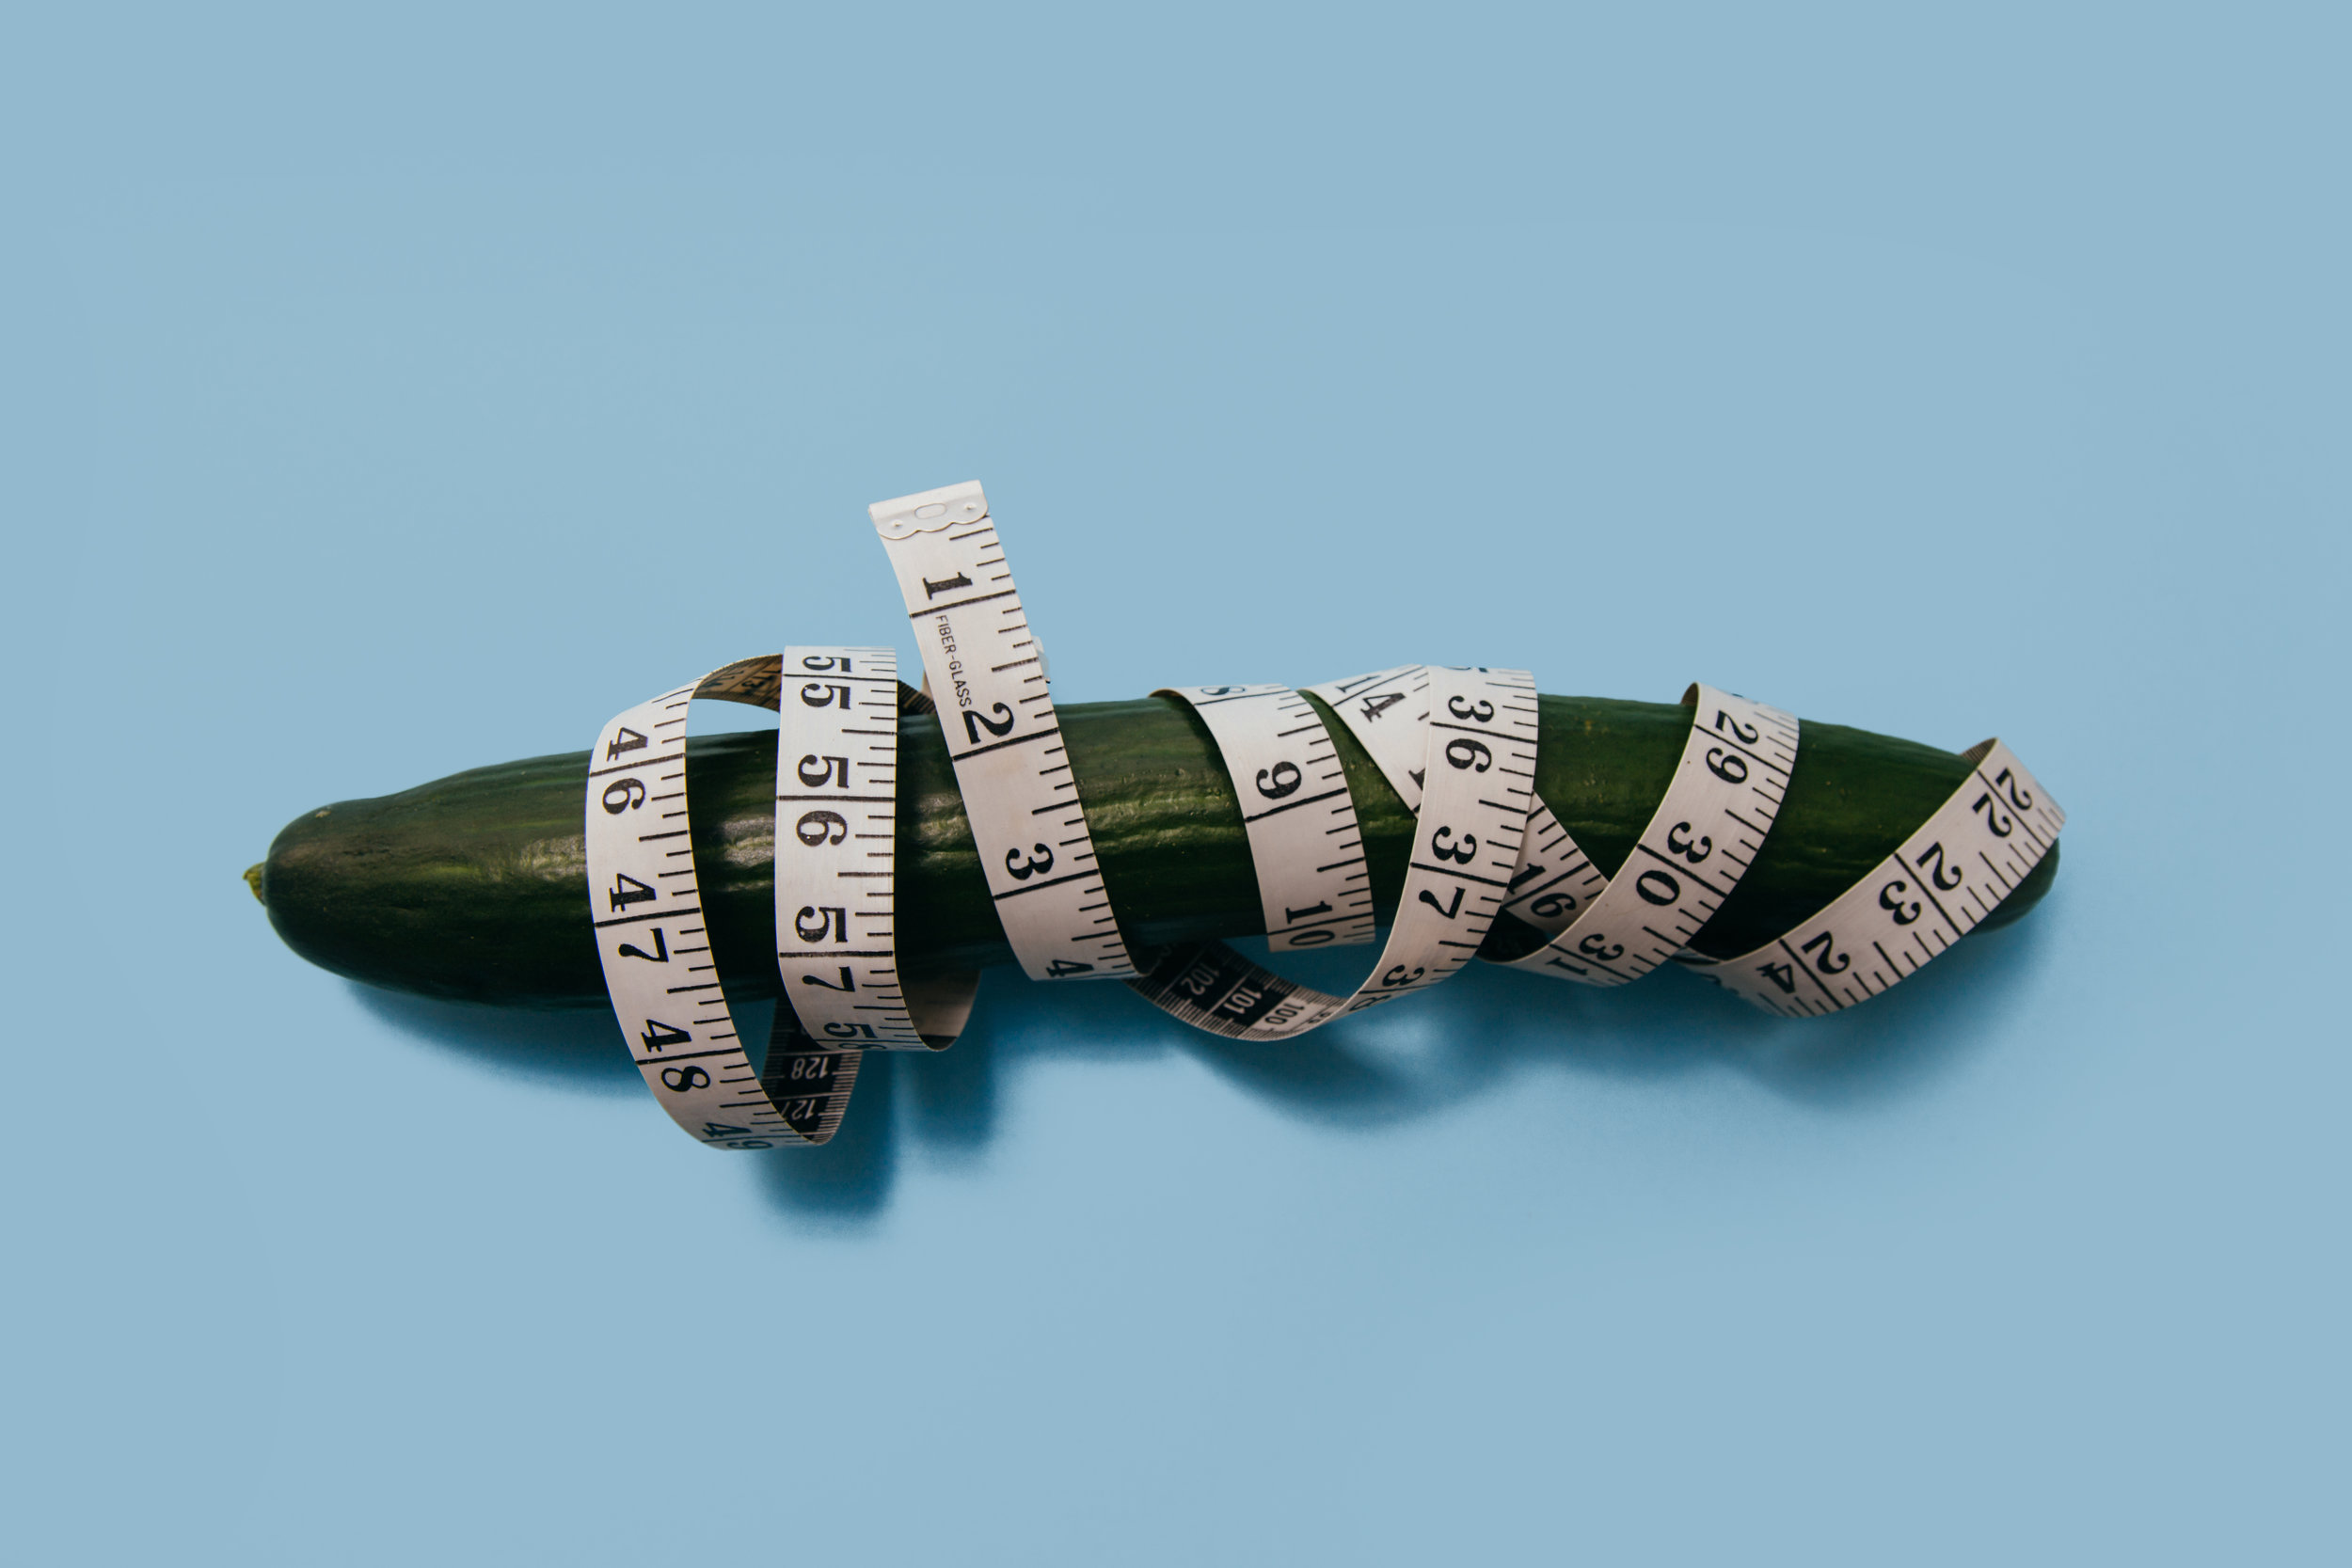 Kostnadsfritt Hälsomöte - Dags för ett hälsosammare liv? Träffa en Hälsocoach helt kostnadsfritt.